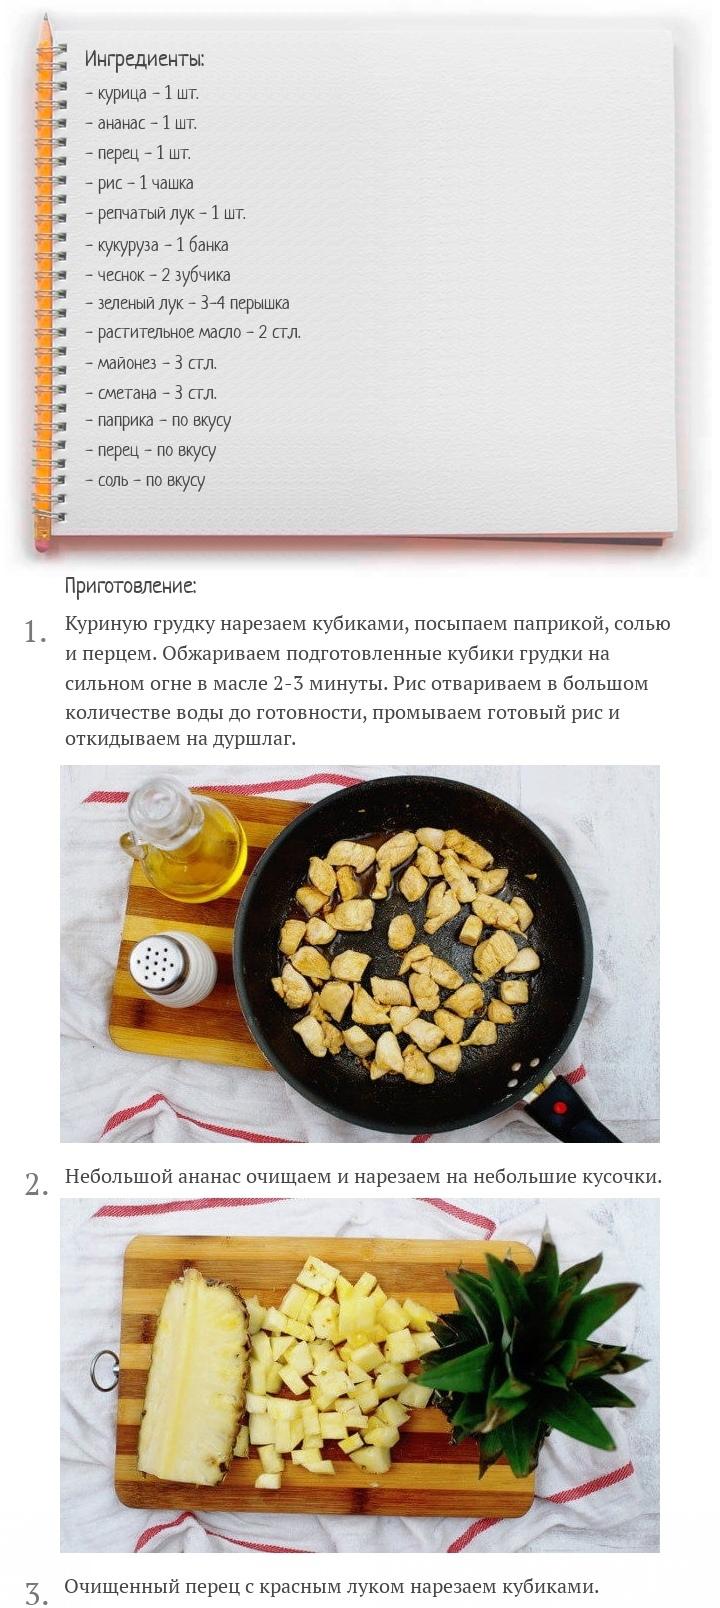 Куриный салат с ананасом, рисом и кукурузой, изображение №2